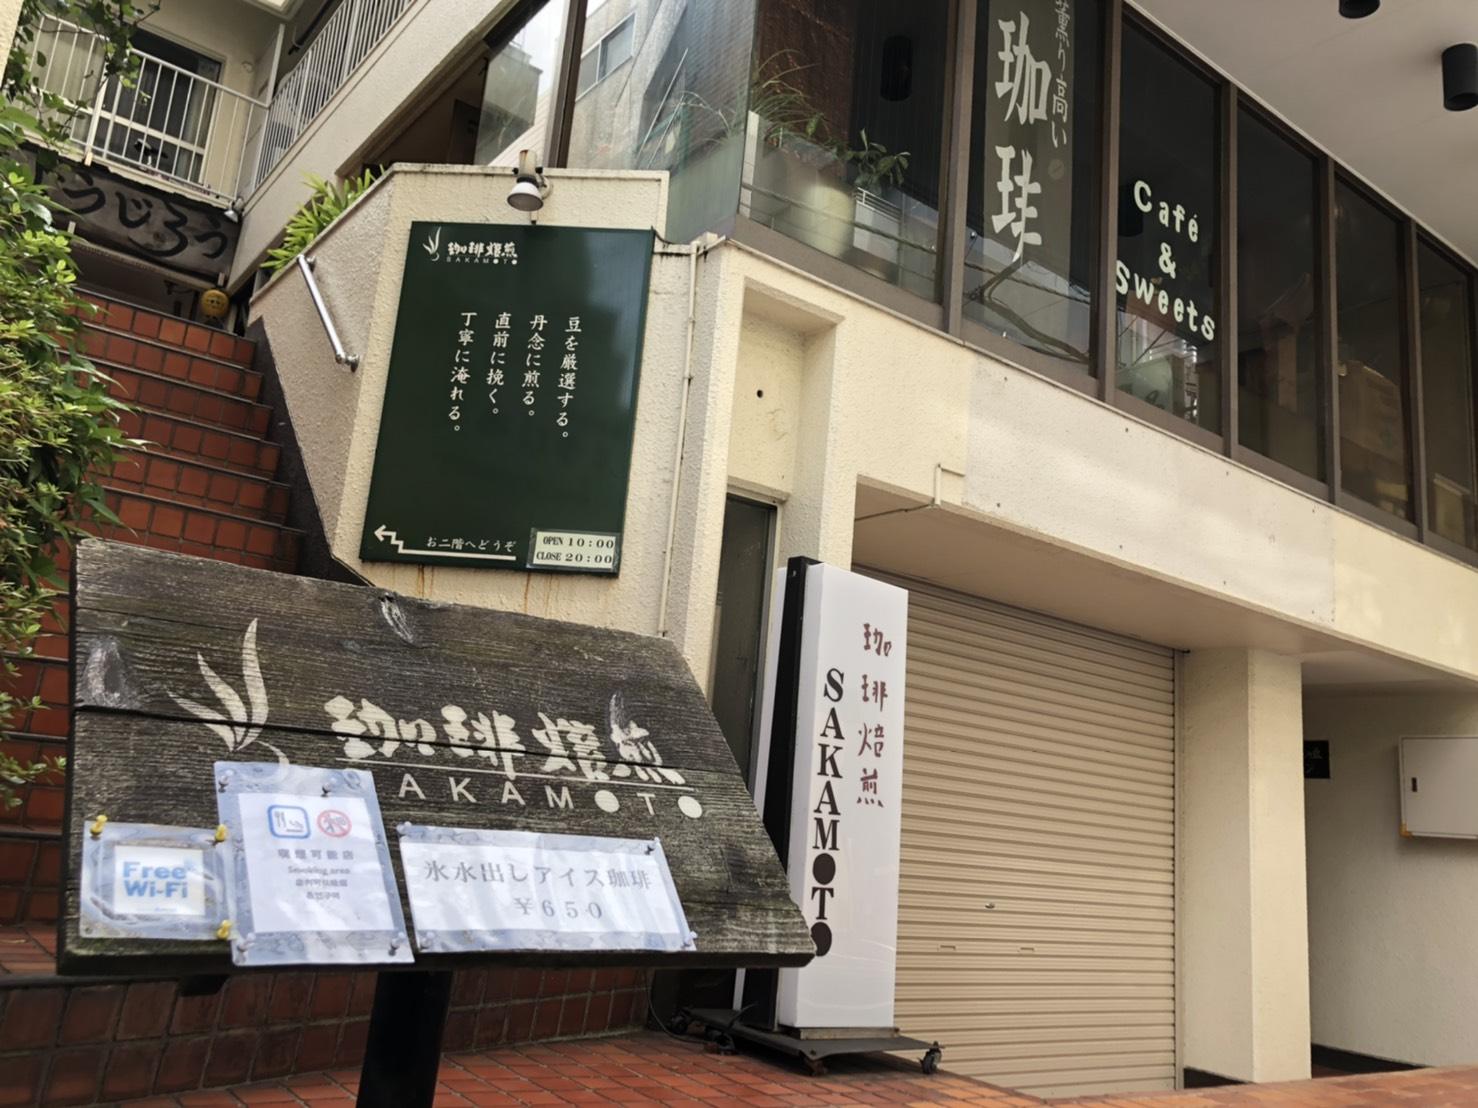 つつじヶ丘の喫茶SAKAMOTO外観